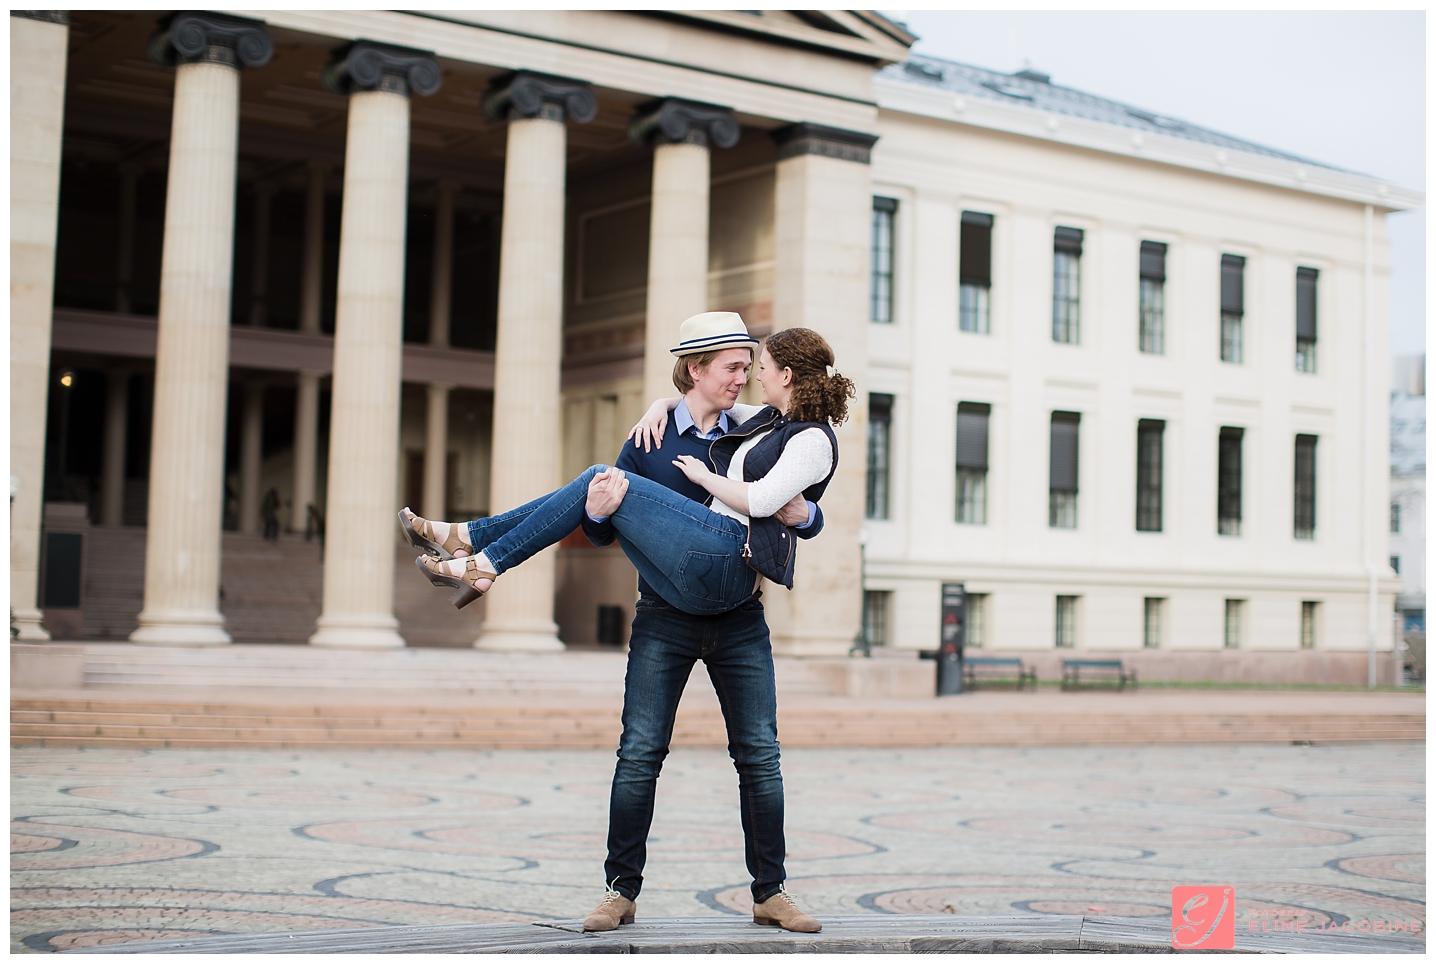 Kjærestepar på uiversitetsplassen